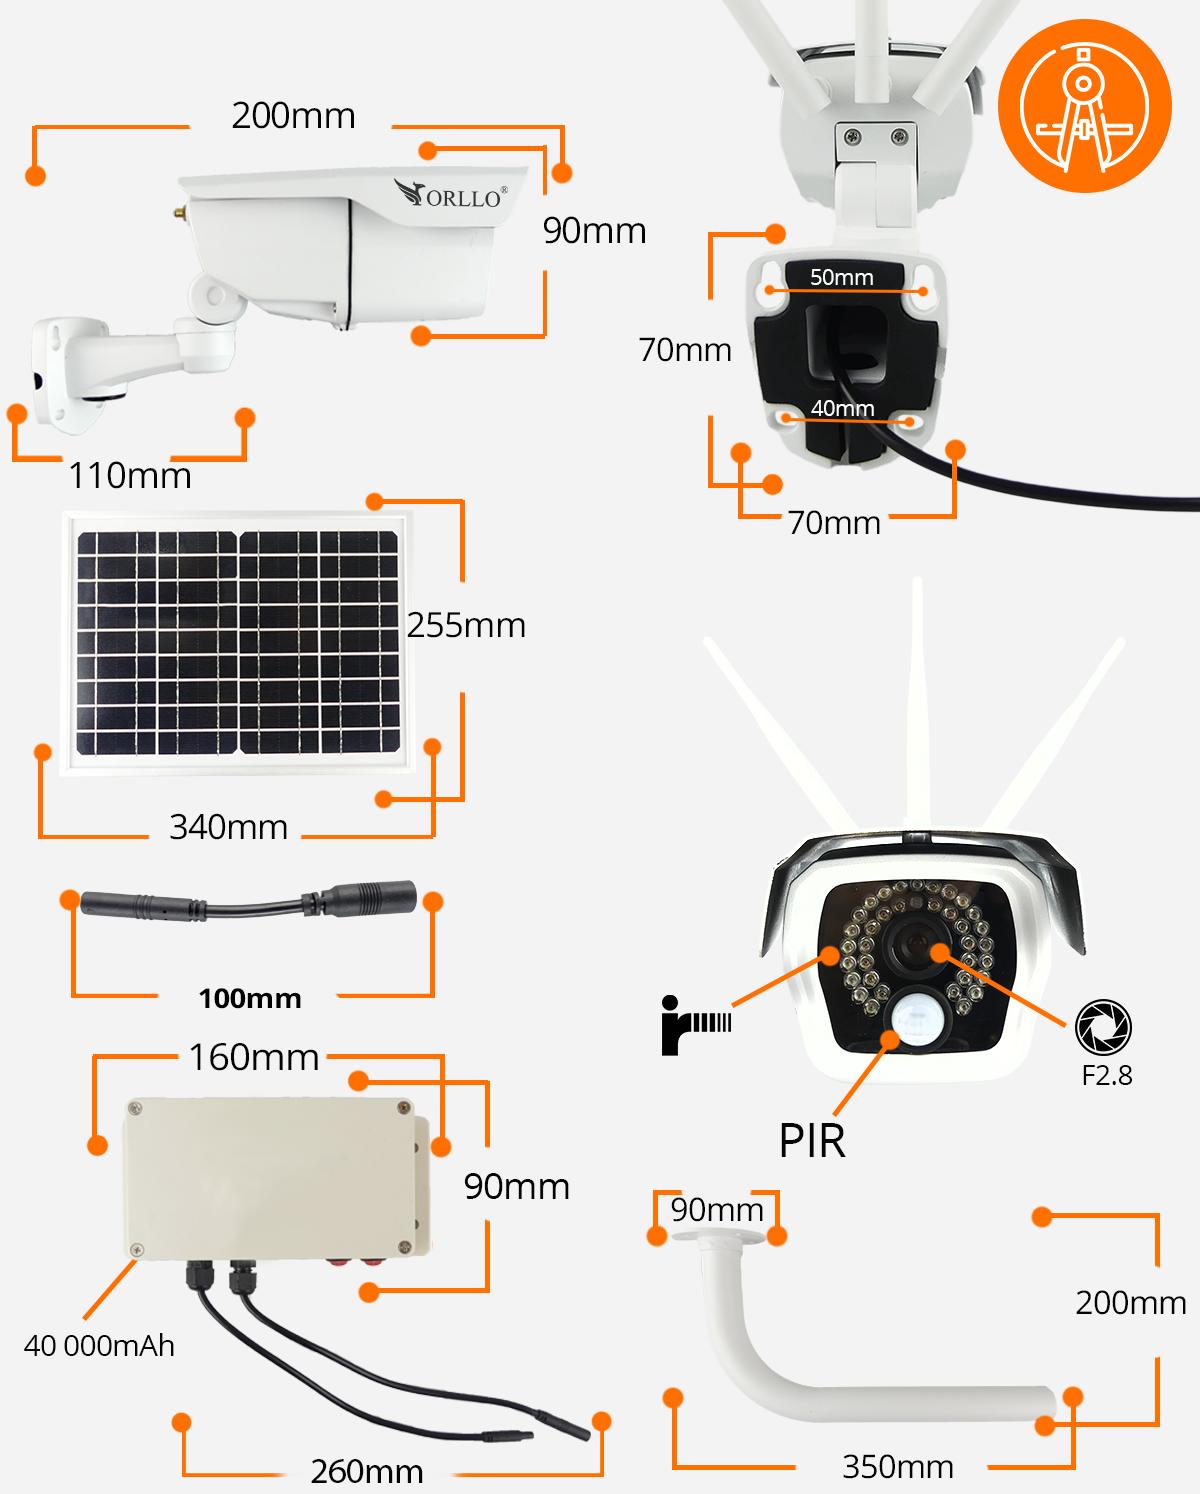 kamera-bezprzewodowa-specyfikacja